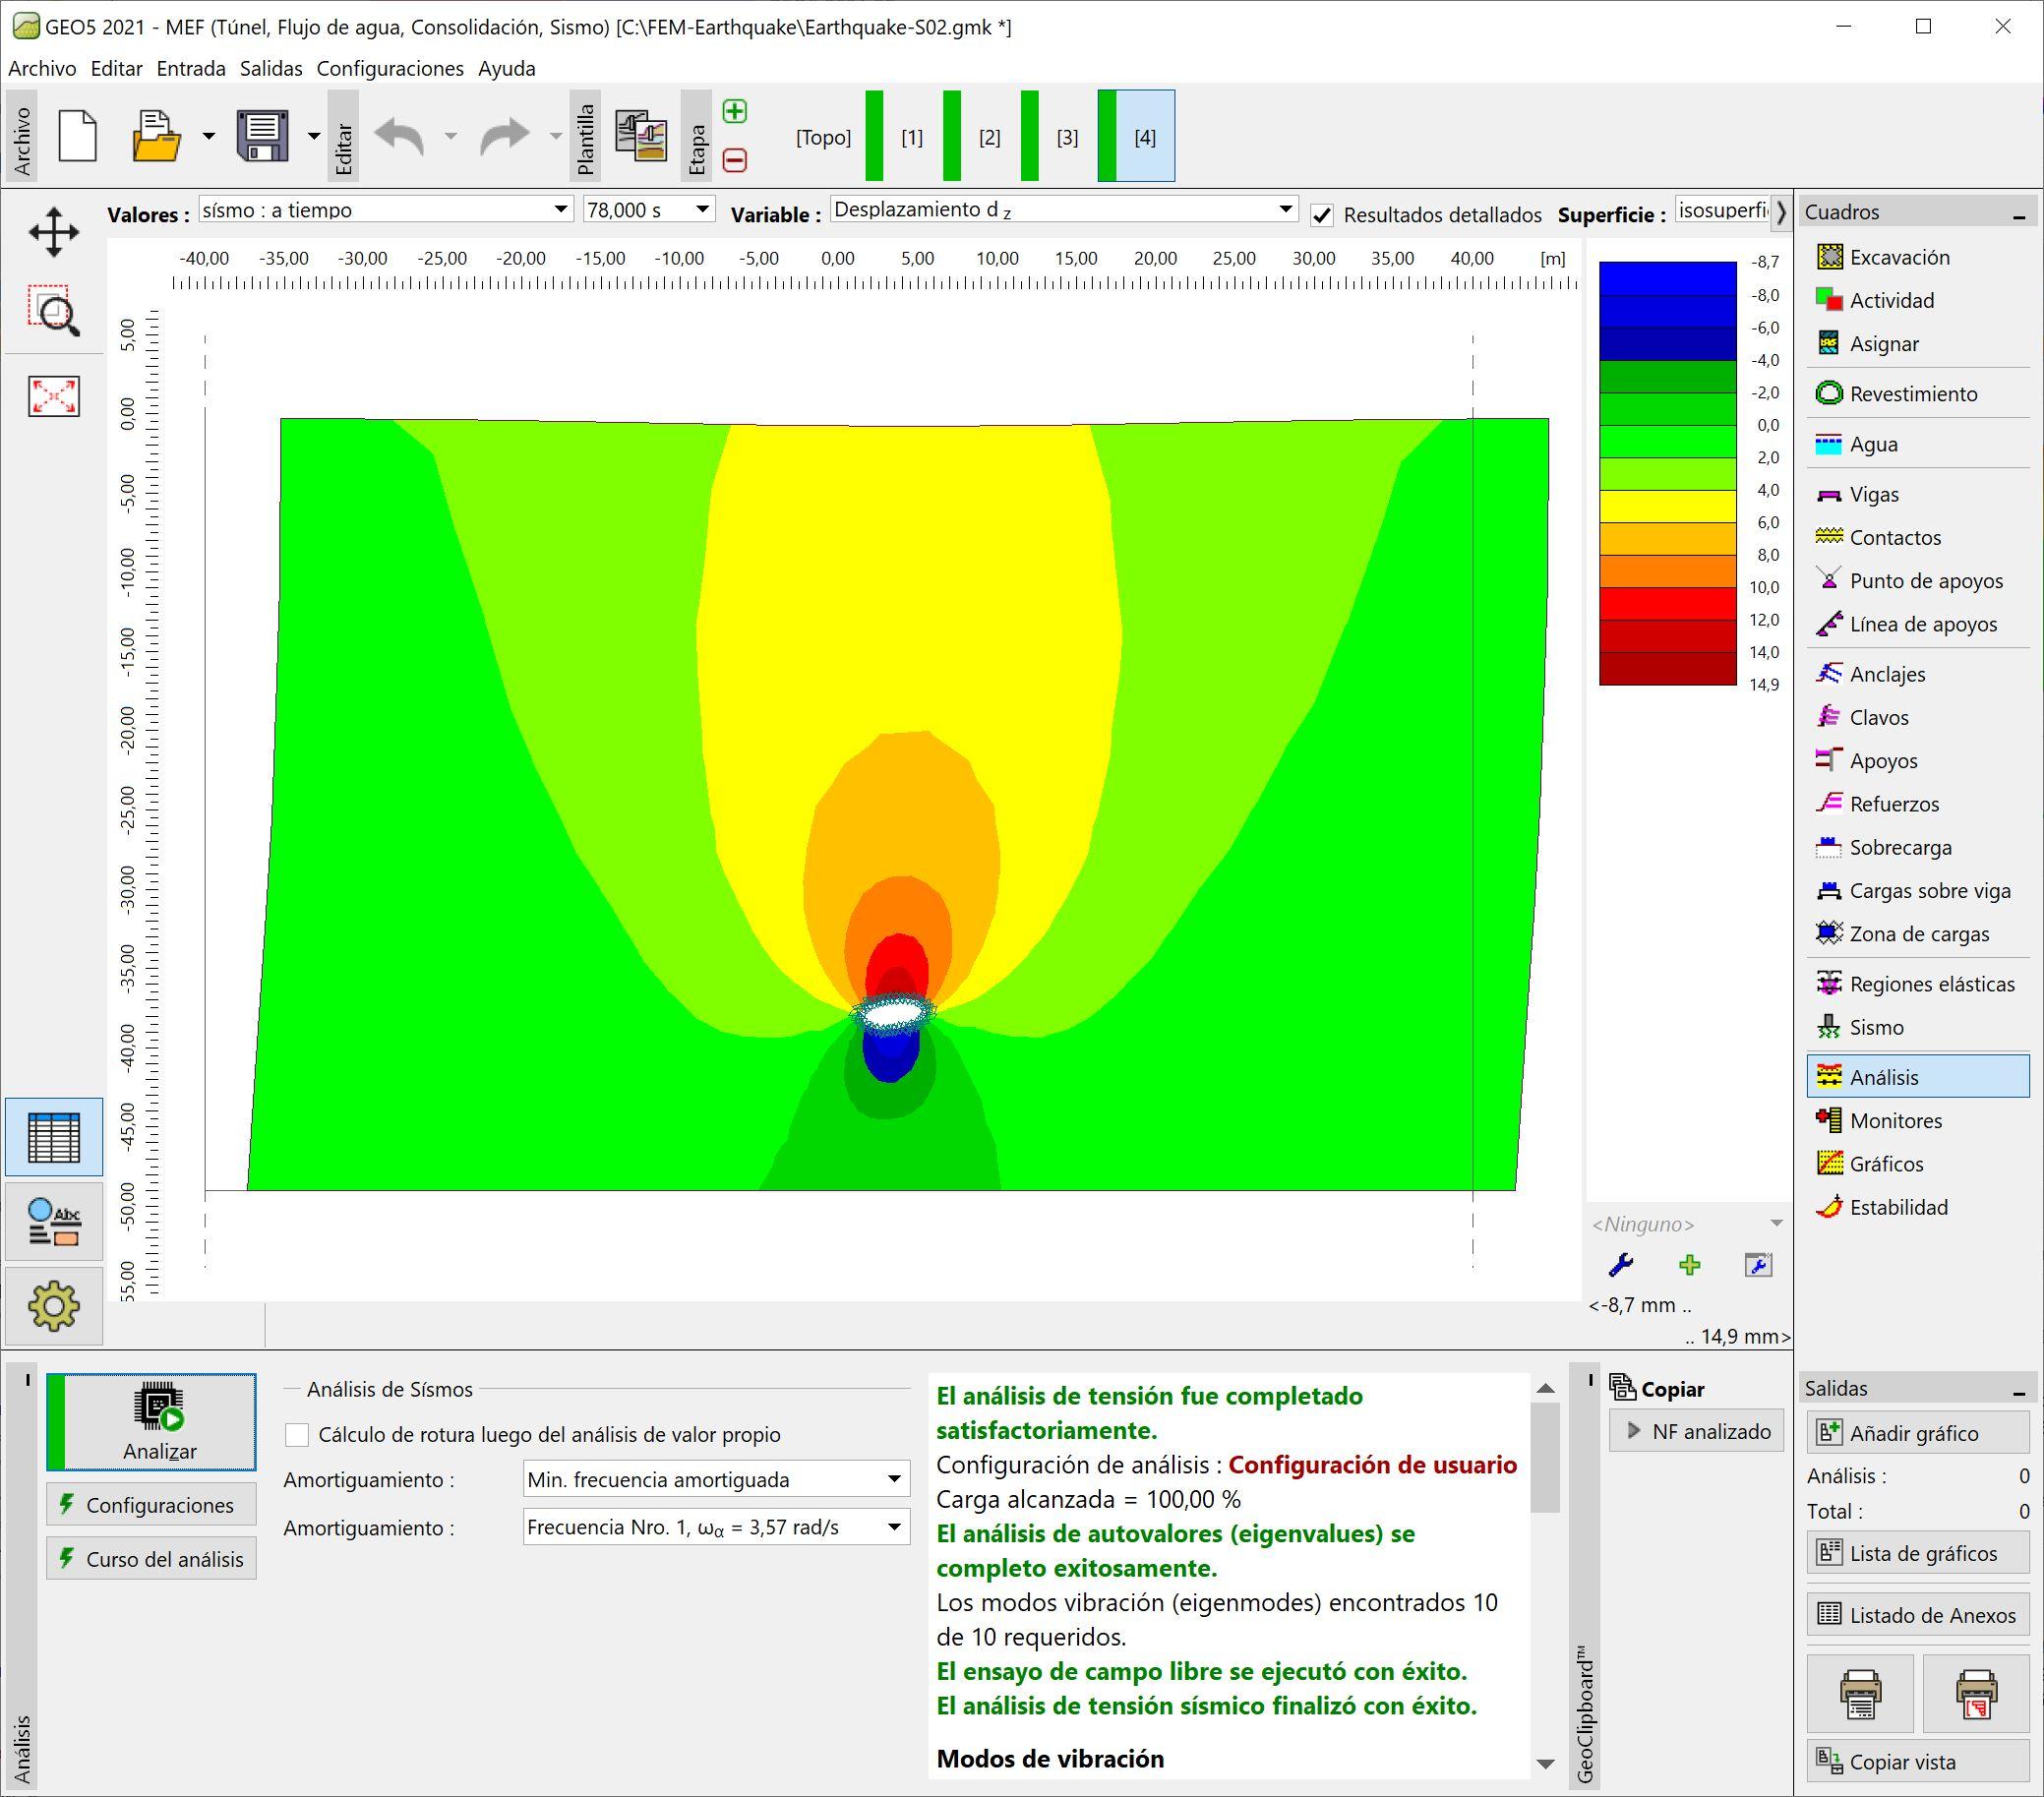 MEF – Sismo  : Resultados del análisis de sismo